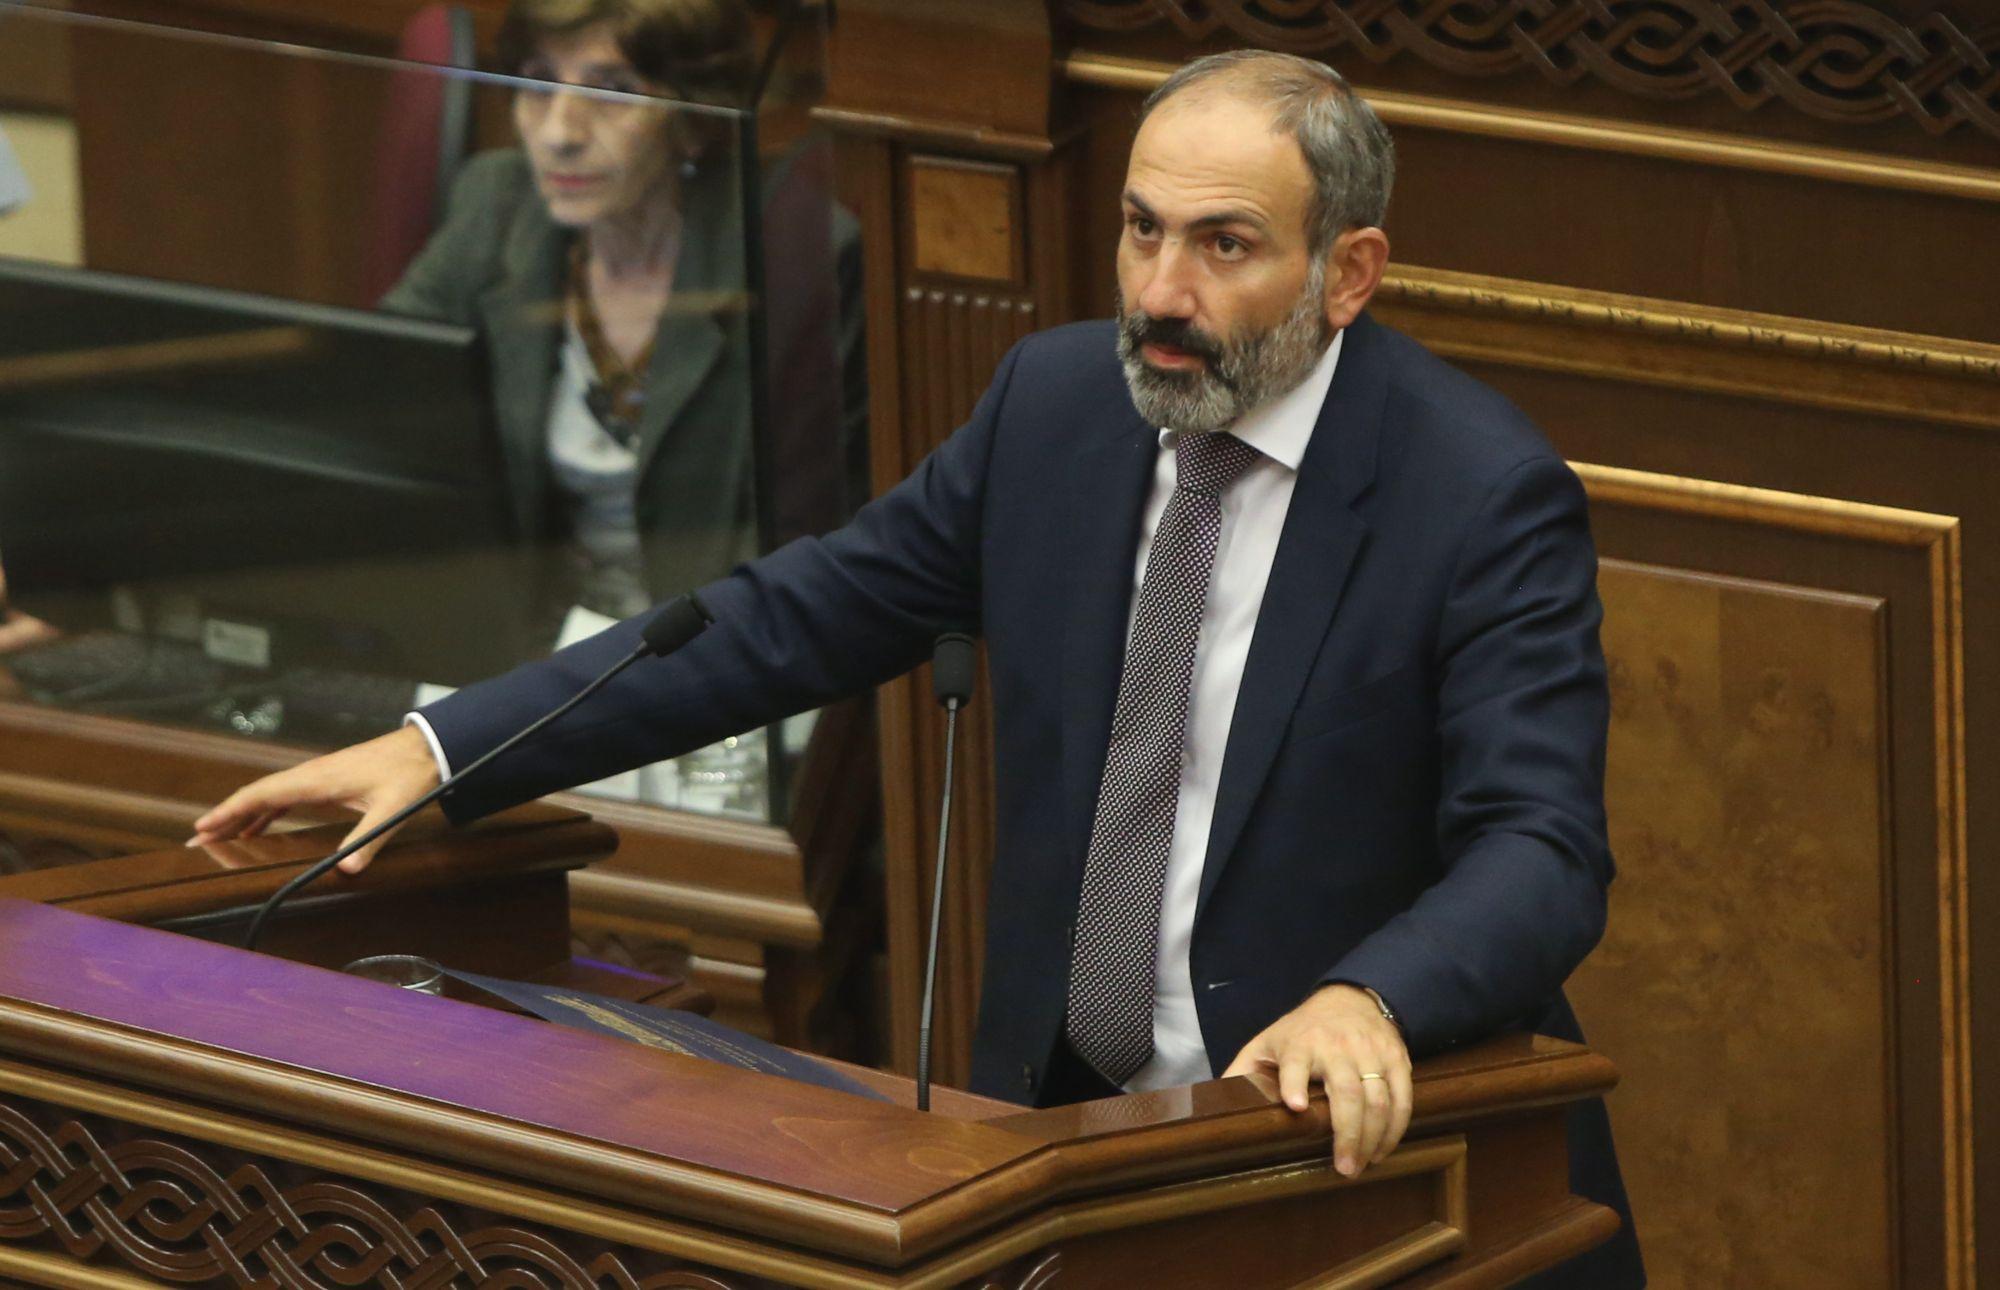 Nikol Pasinján örmény ellenzéki vezető miniszterelnökké választása előtt beszél a parlamentben Jerevánban, 2018. május 8-án. EPA/HAYK BAGHDASARYAN